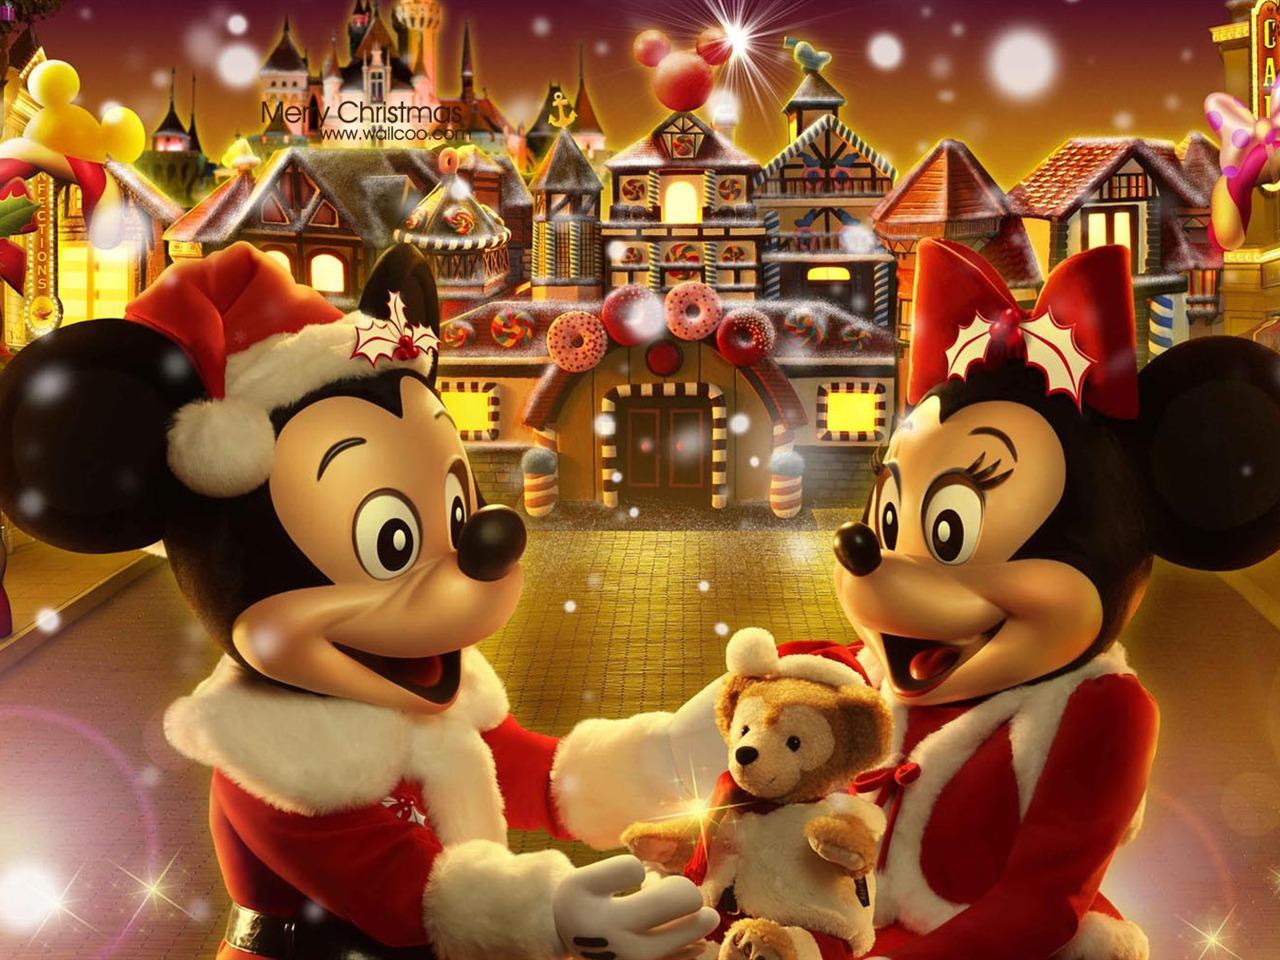 米奇和米妮姜饼人圣诞壁纸童话村